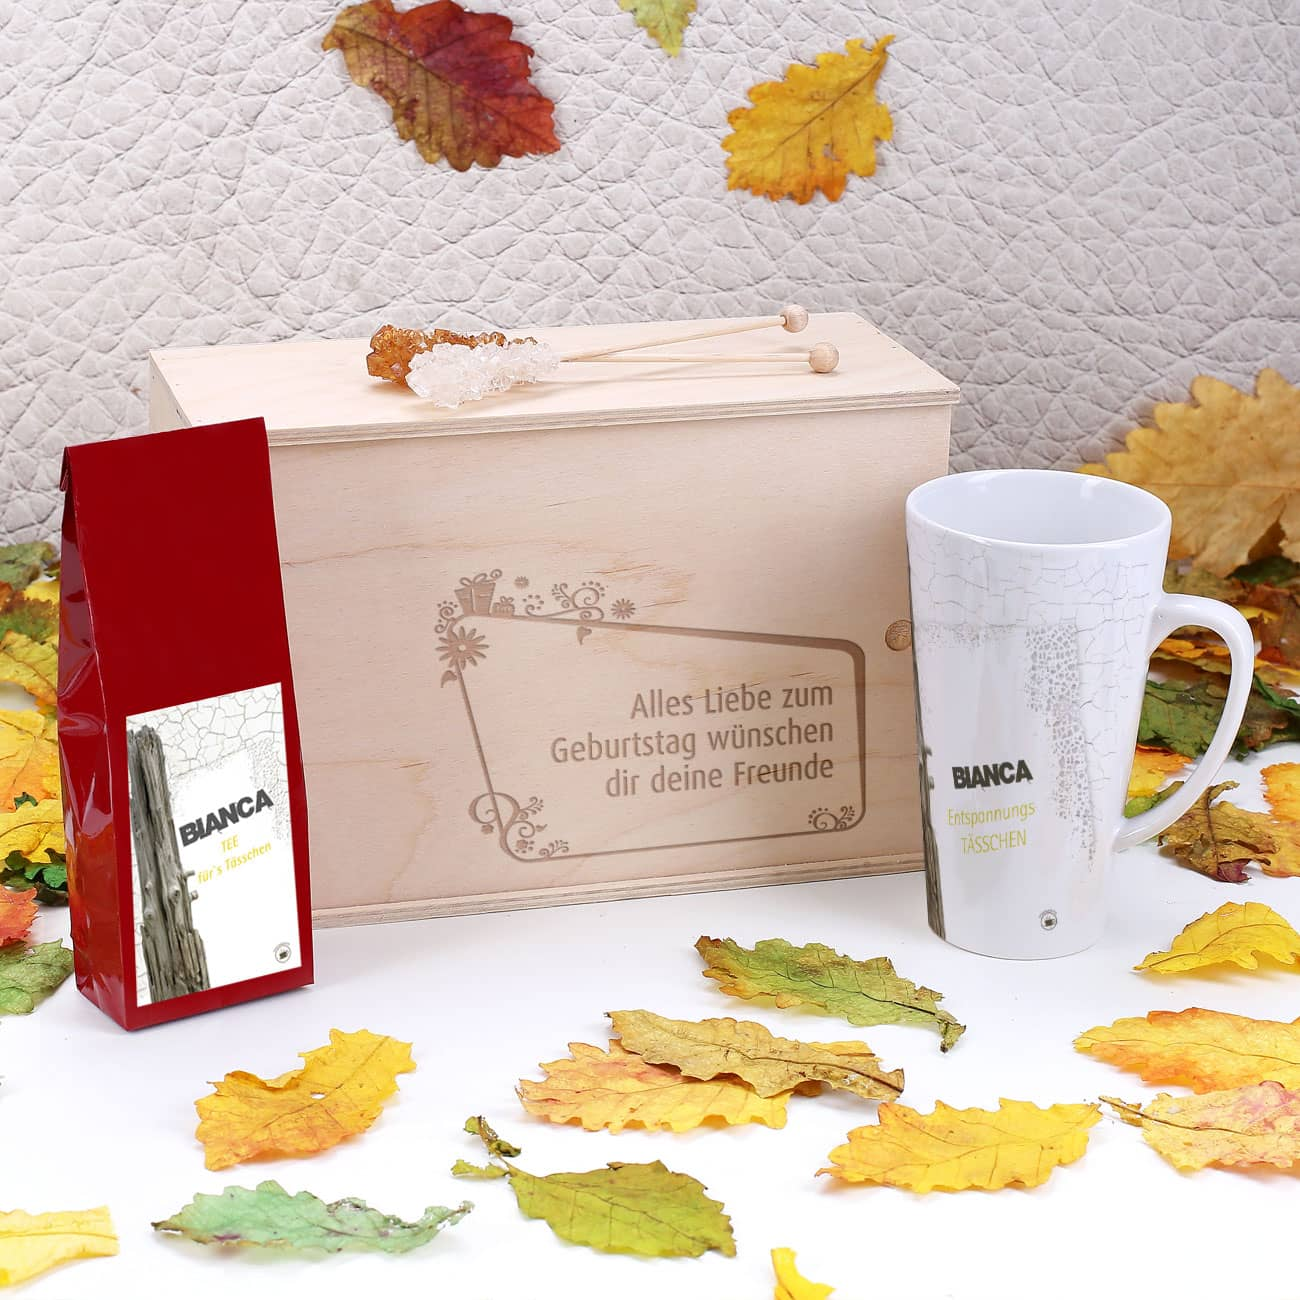 Ausgezeichnet Einzigartige Küche Tee Geschenkideen Bilder - Ideen ...